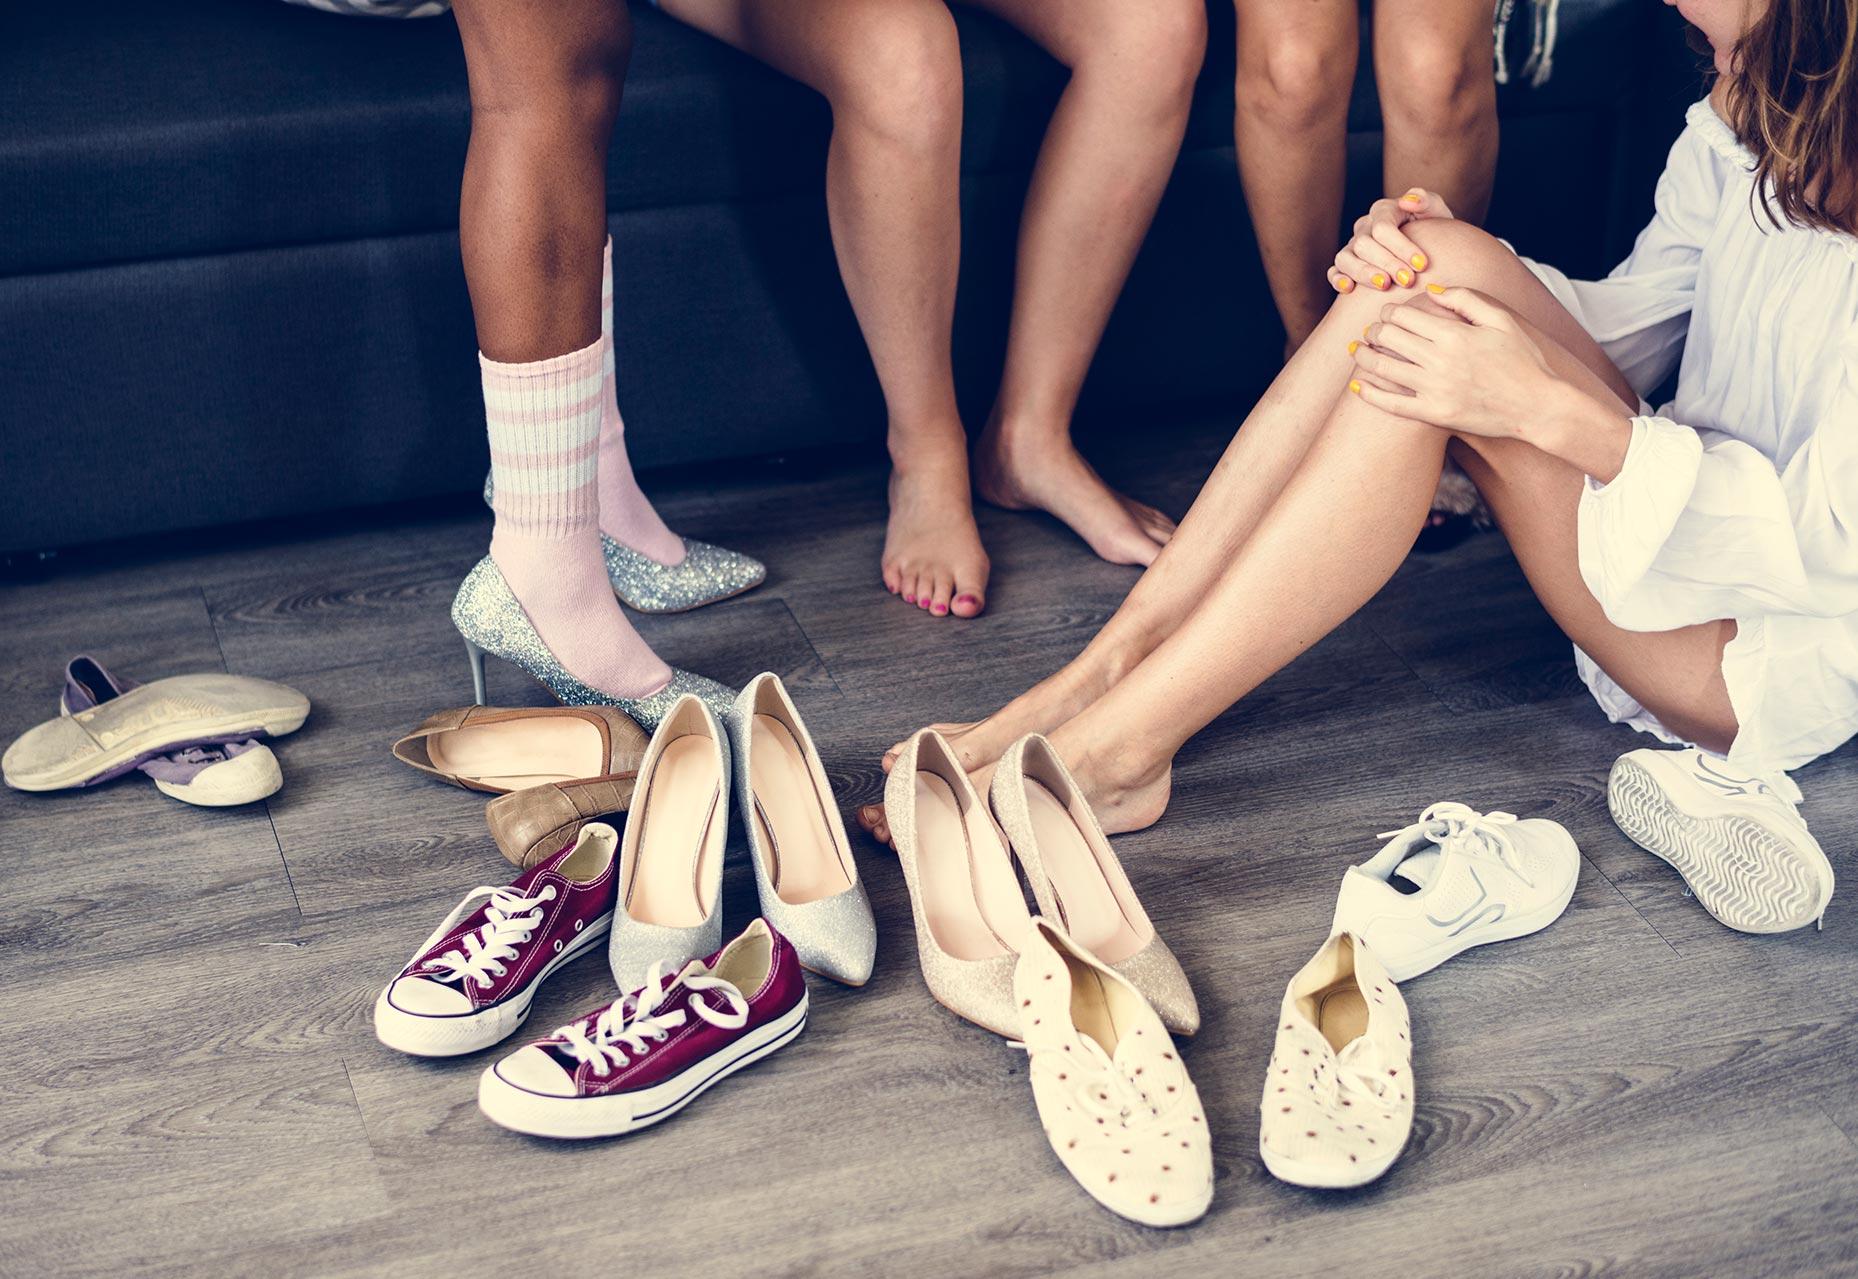 Buty, które każda kobieta musi mieć w swojej szafie